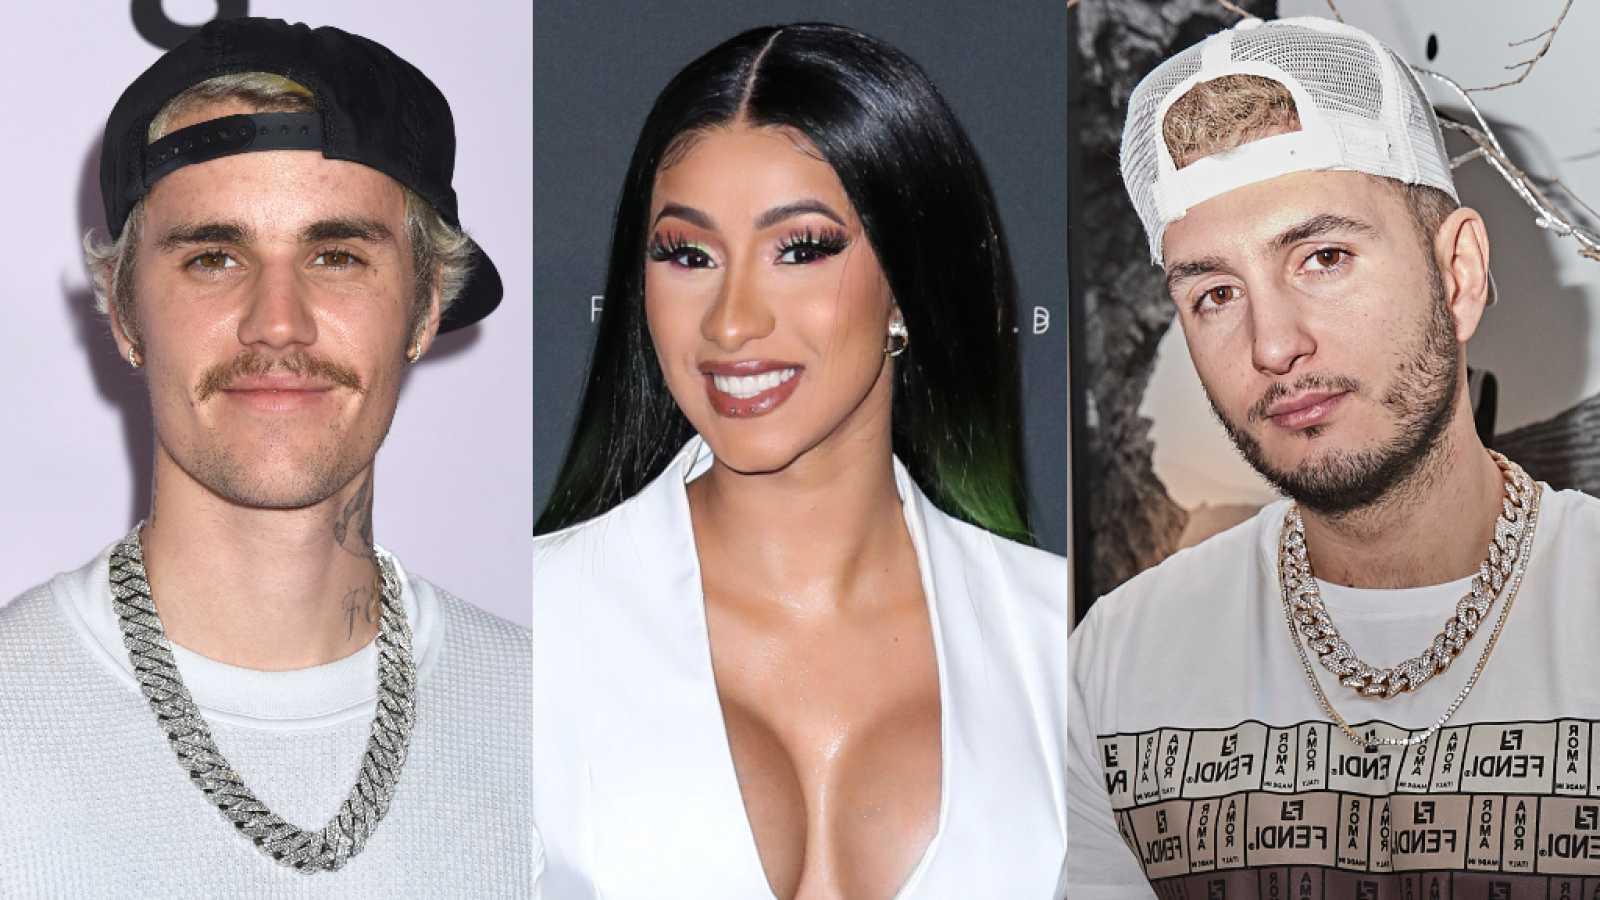 La playlist de la semana: Justin Bieber, Cardi B, Omar Montes, Alizz y Lérica, entre las novedades